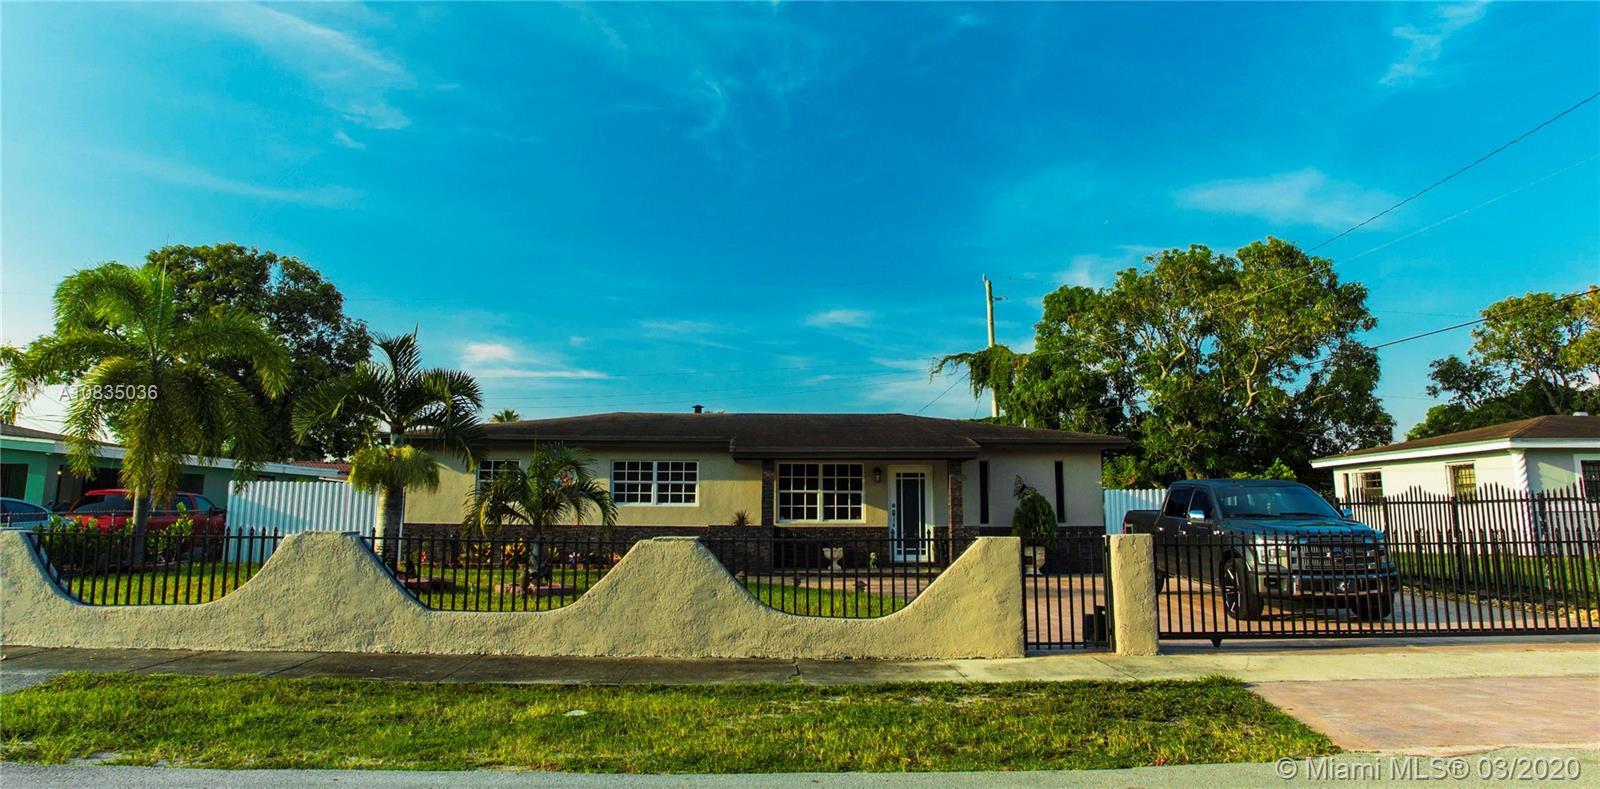 2850 NW 173rd Ter, Miami Gardens, FL 33056 - Miami Gardens, FL real estate listing